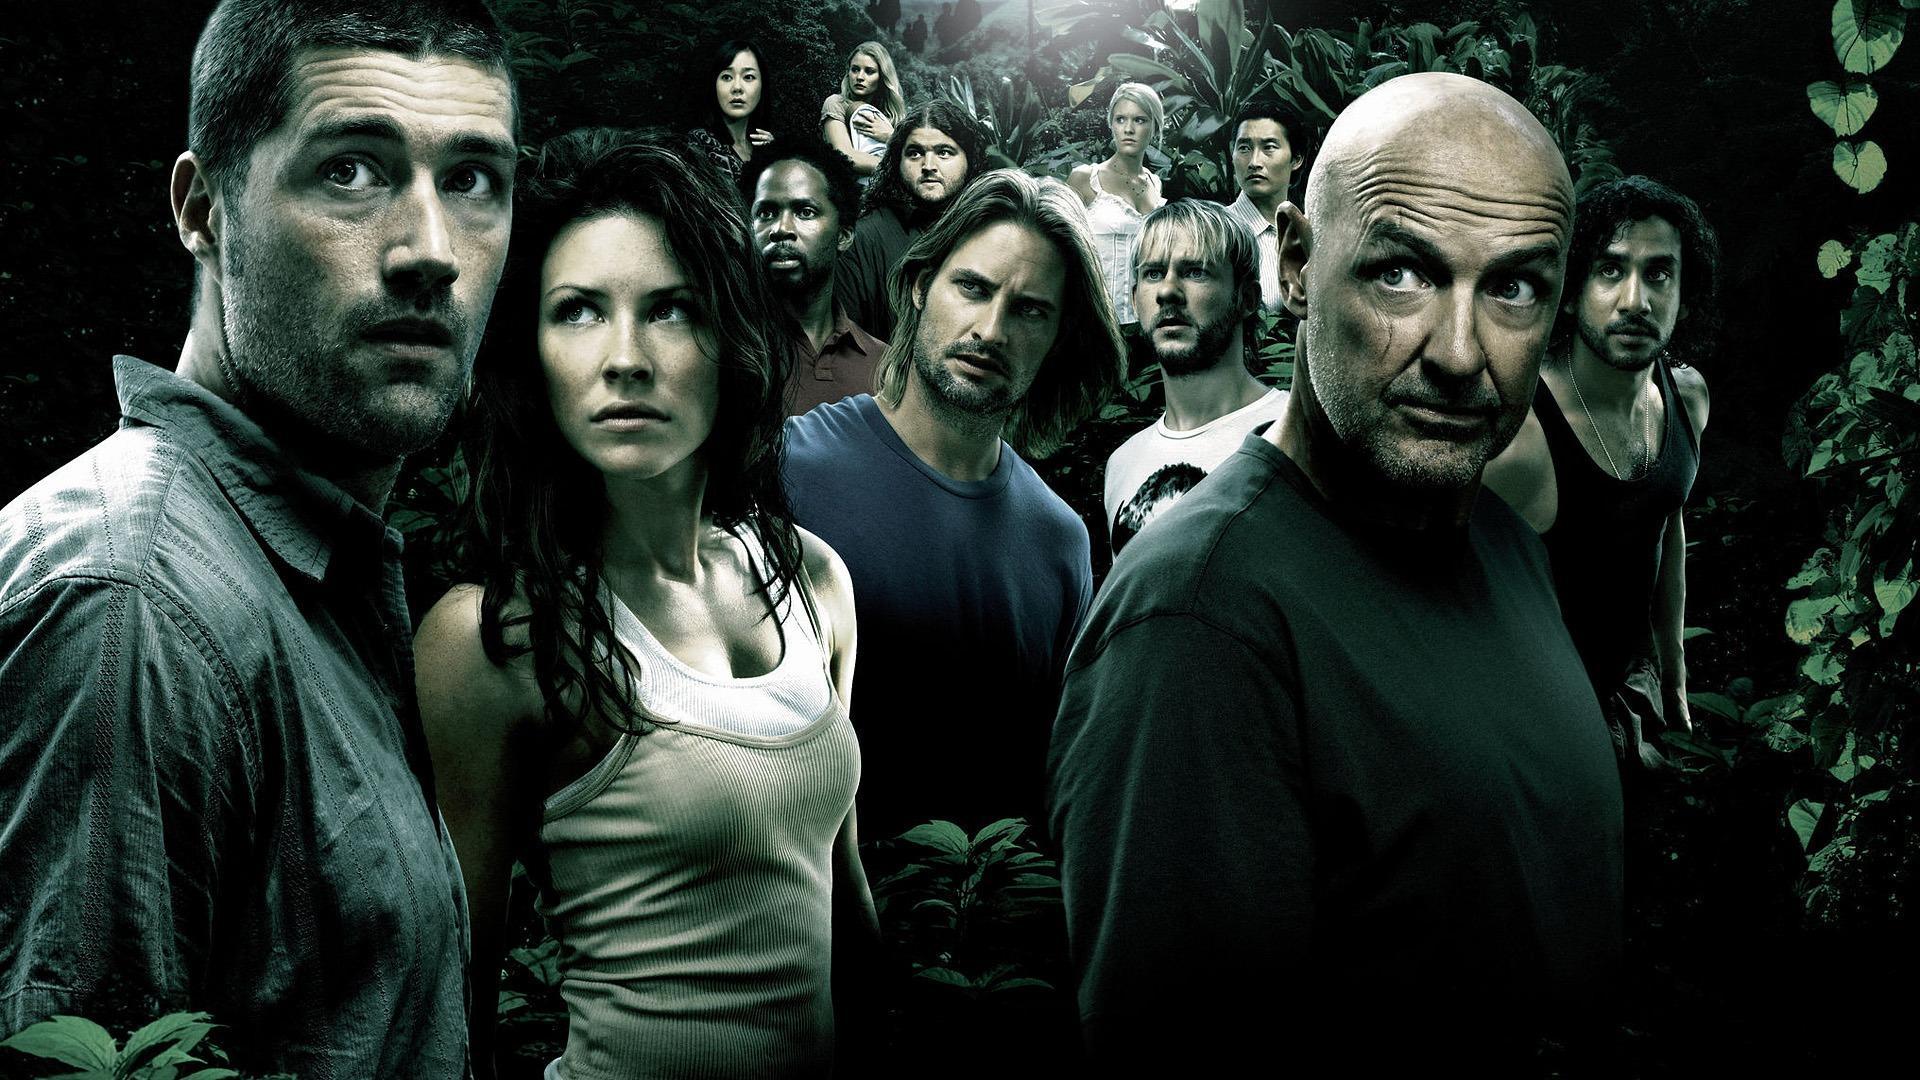 Lost (2004-2010)